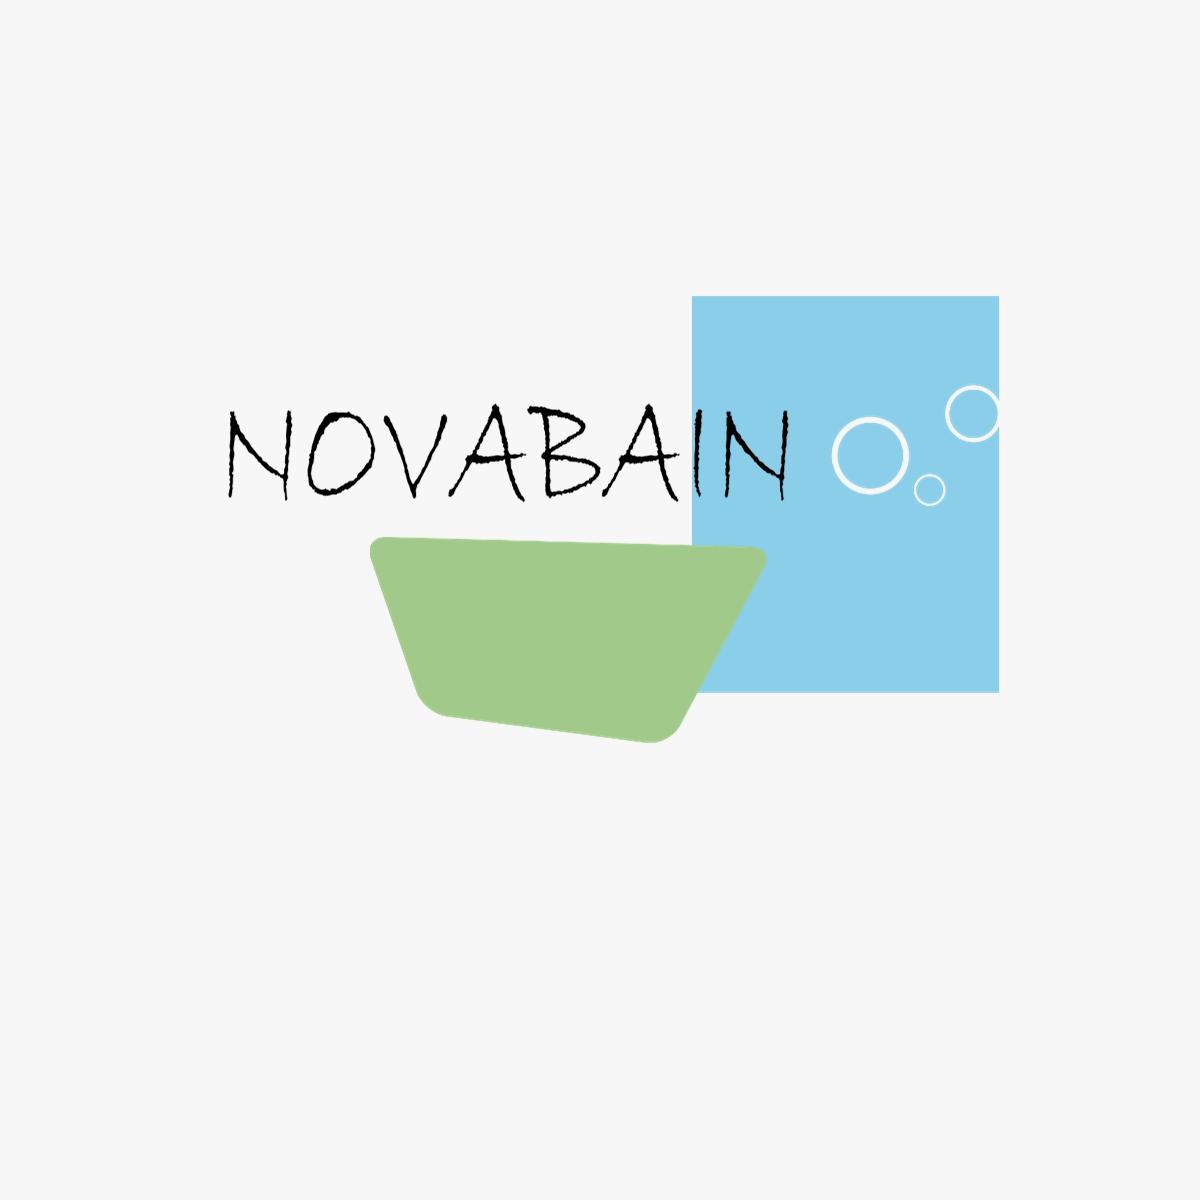 Novabain